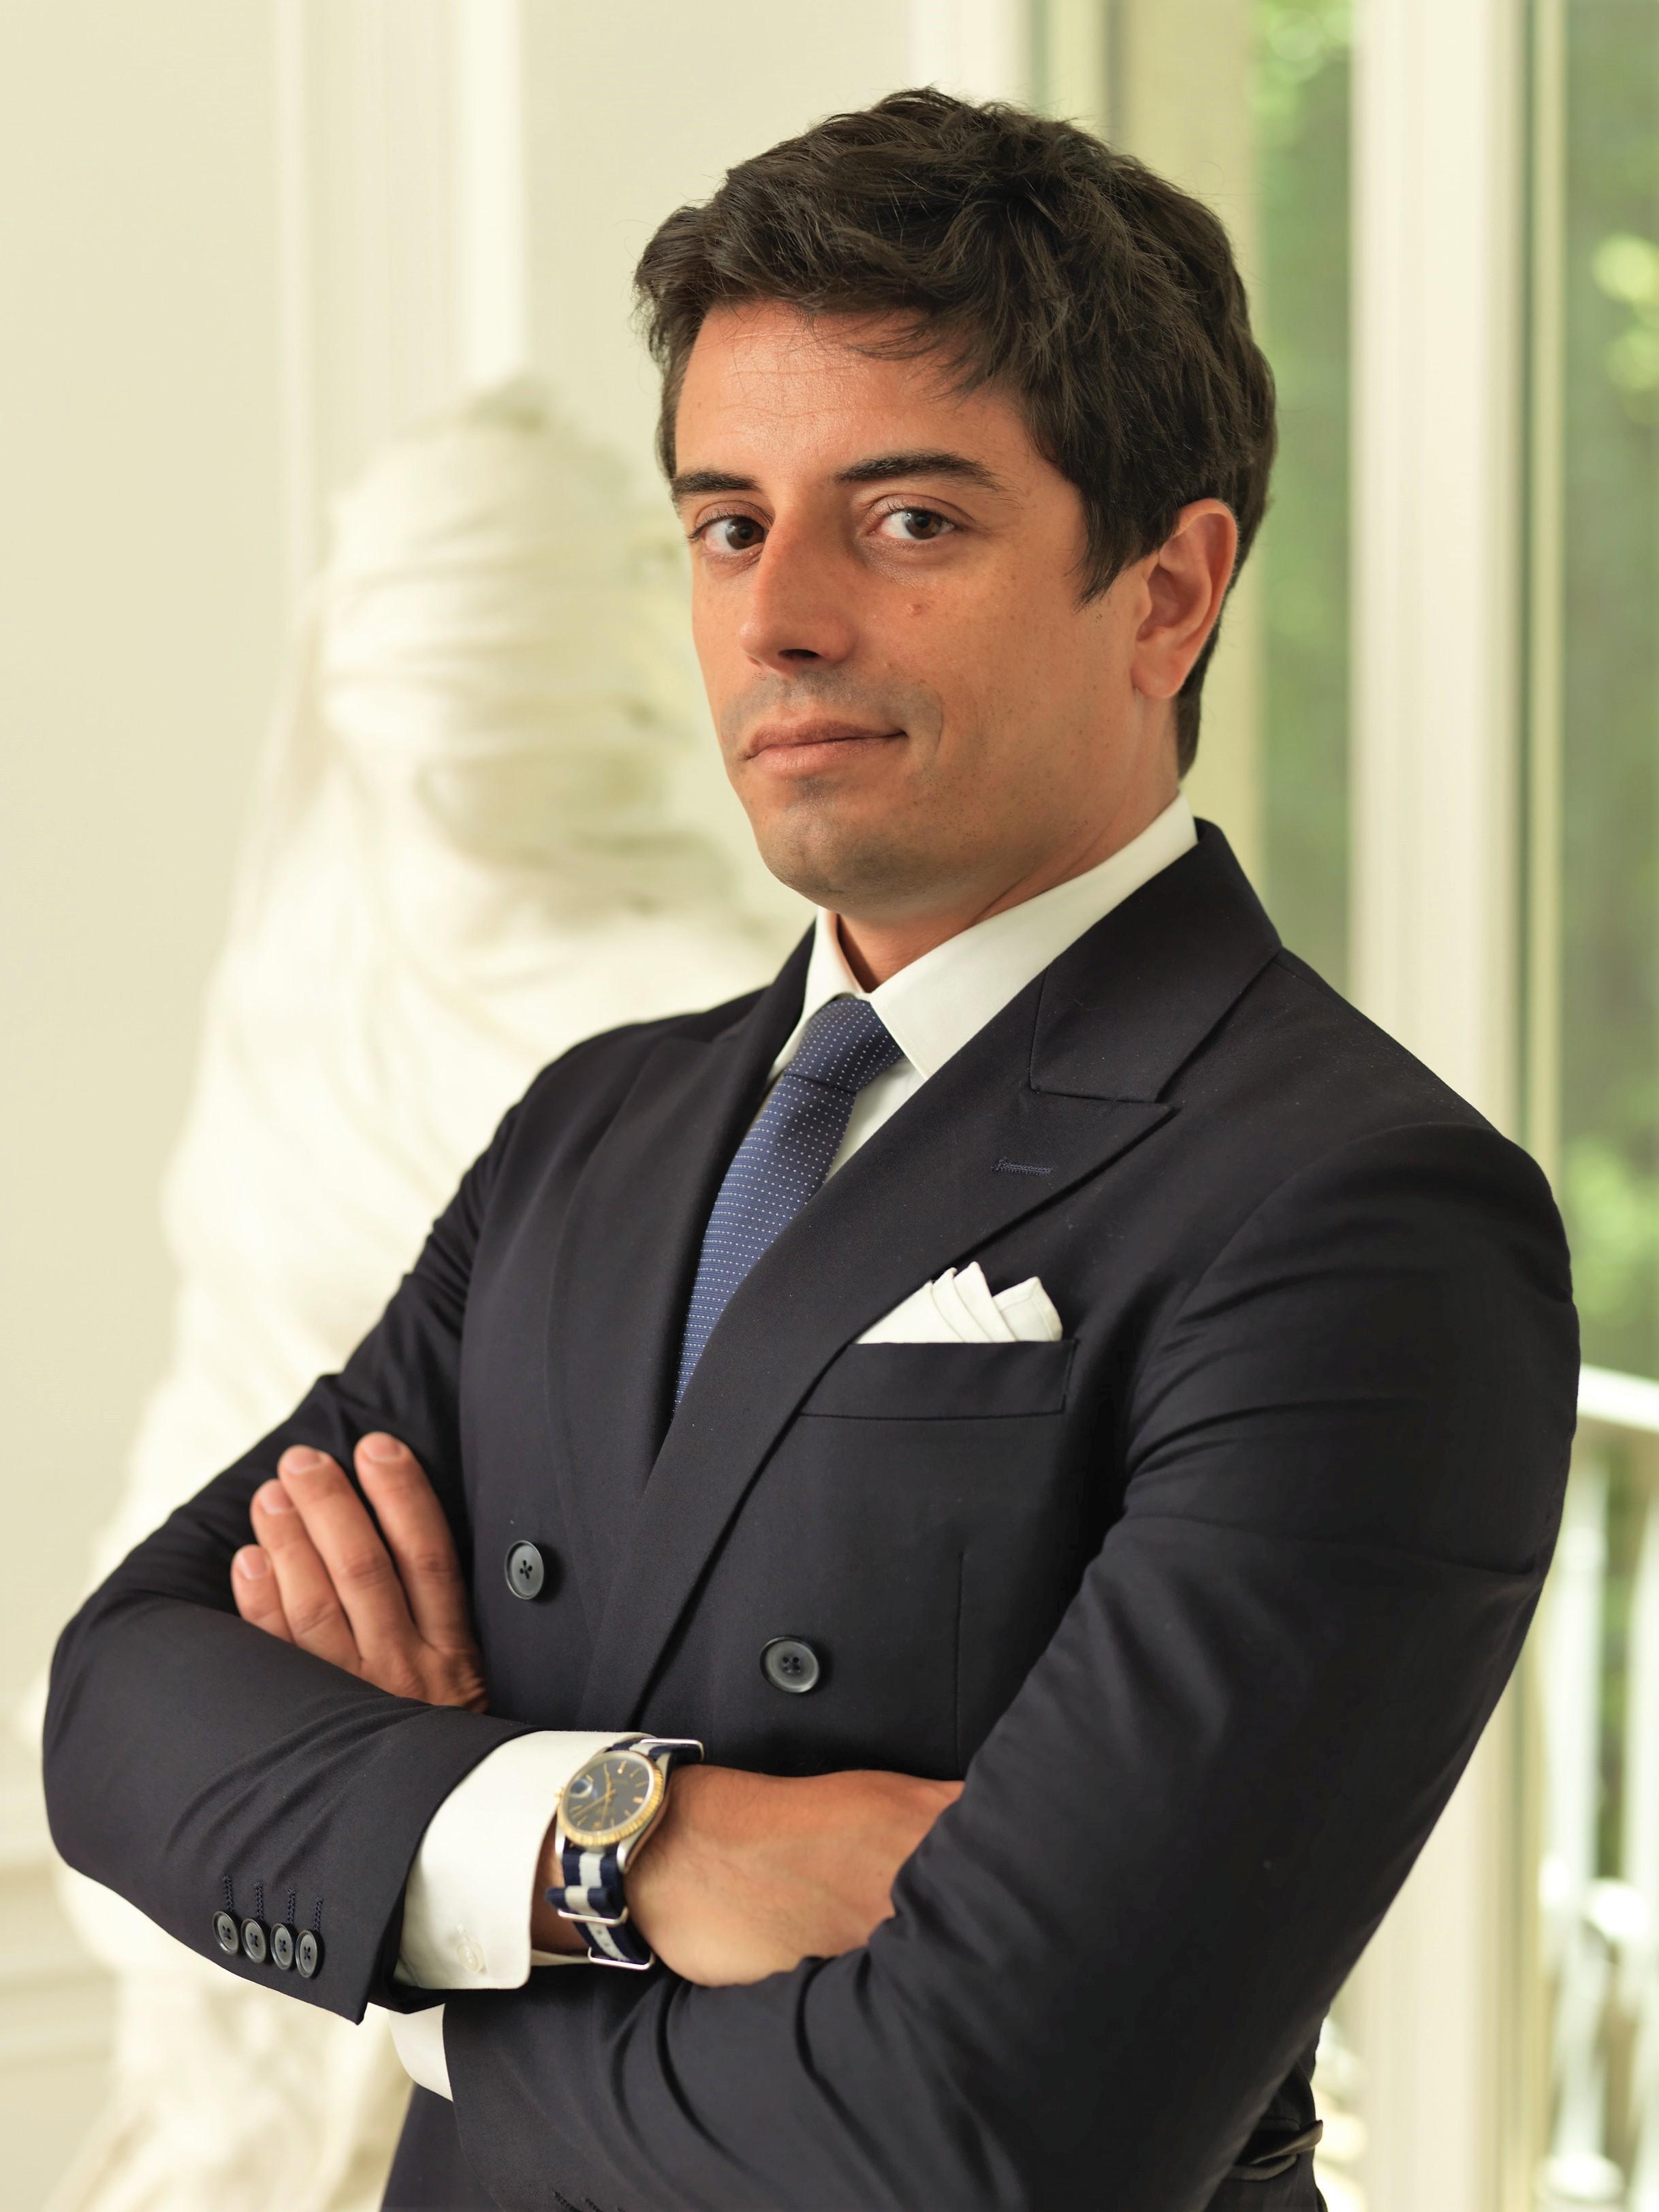 Avv. Michele Mennoia